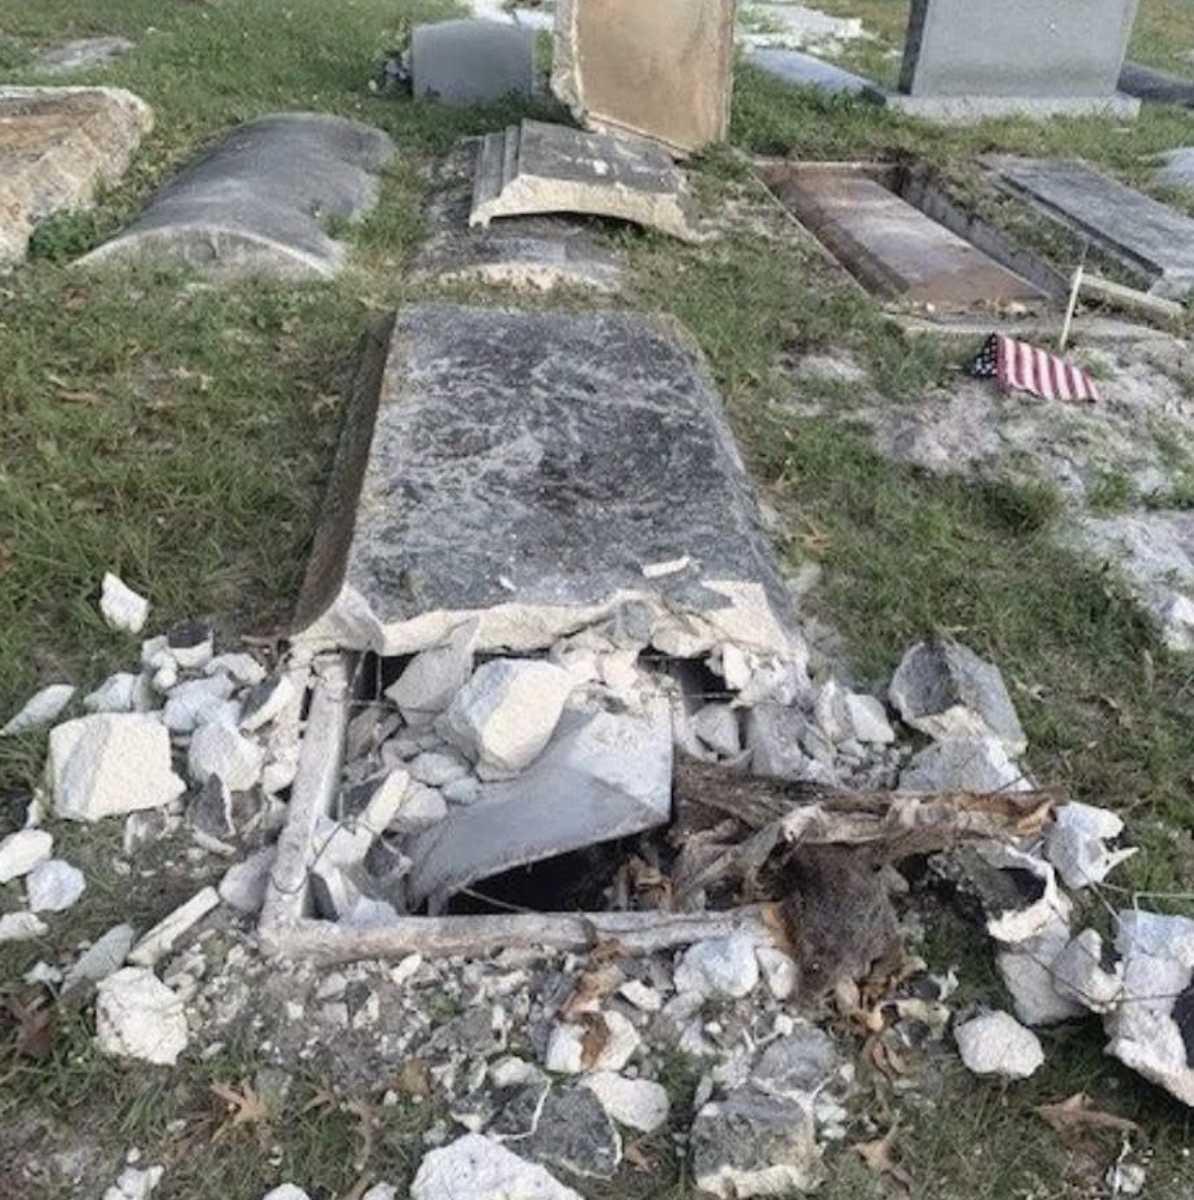 Florida men steal heads of dead veterans for religious shrine: